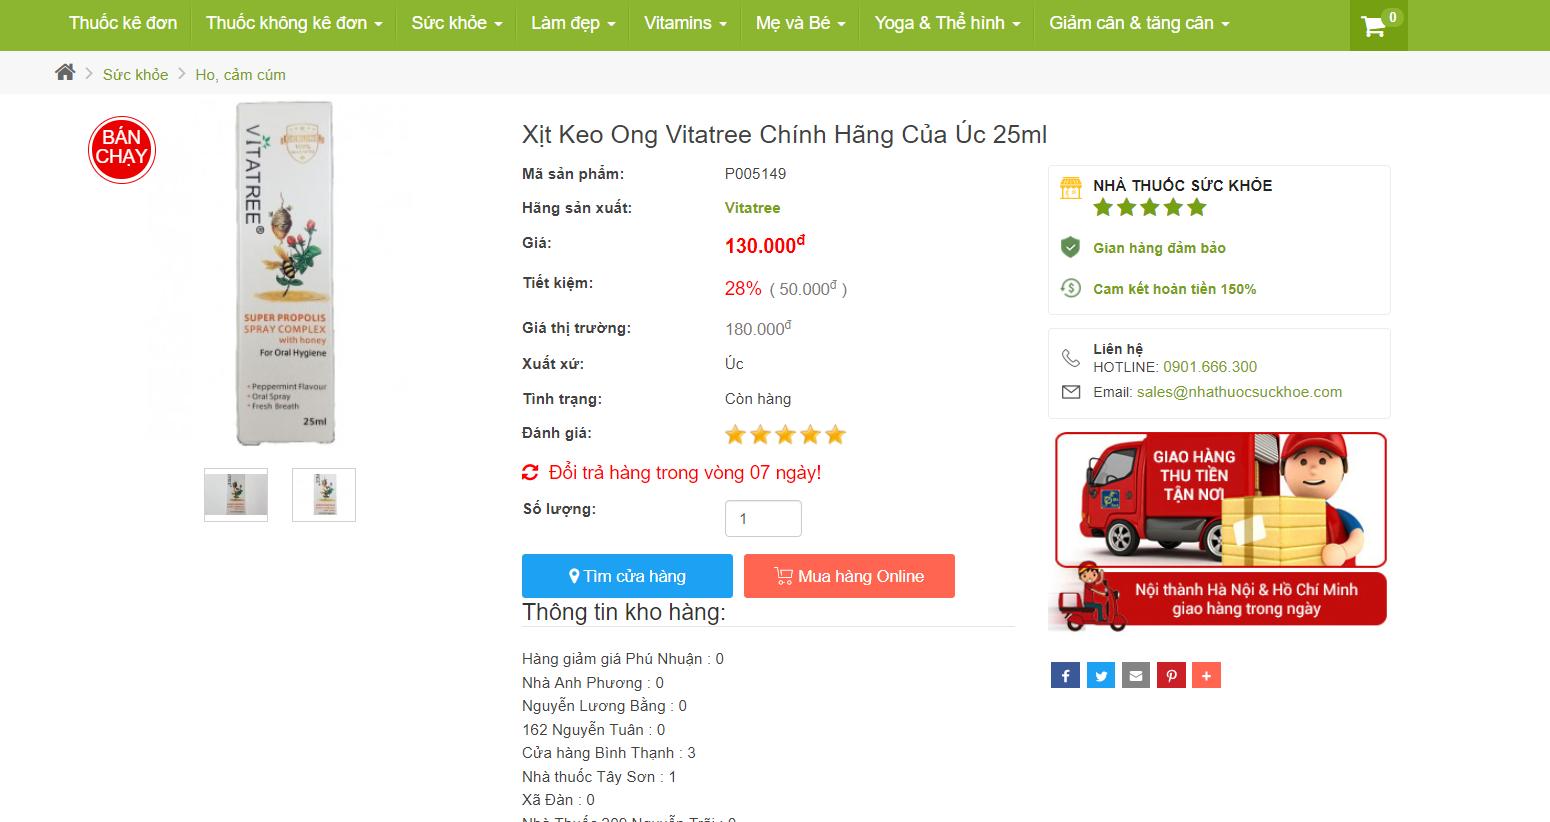 Review: Xịt Keo Ong Vitatree Có Tốt Không? Dùng Cho Trẻ Em & Bà Bầu Được Không?